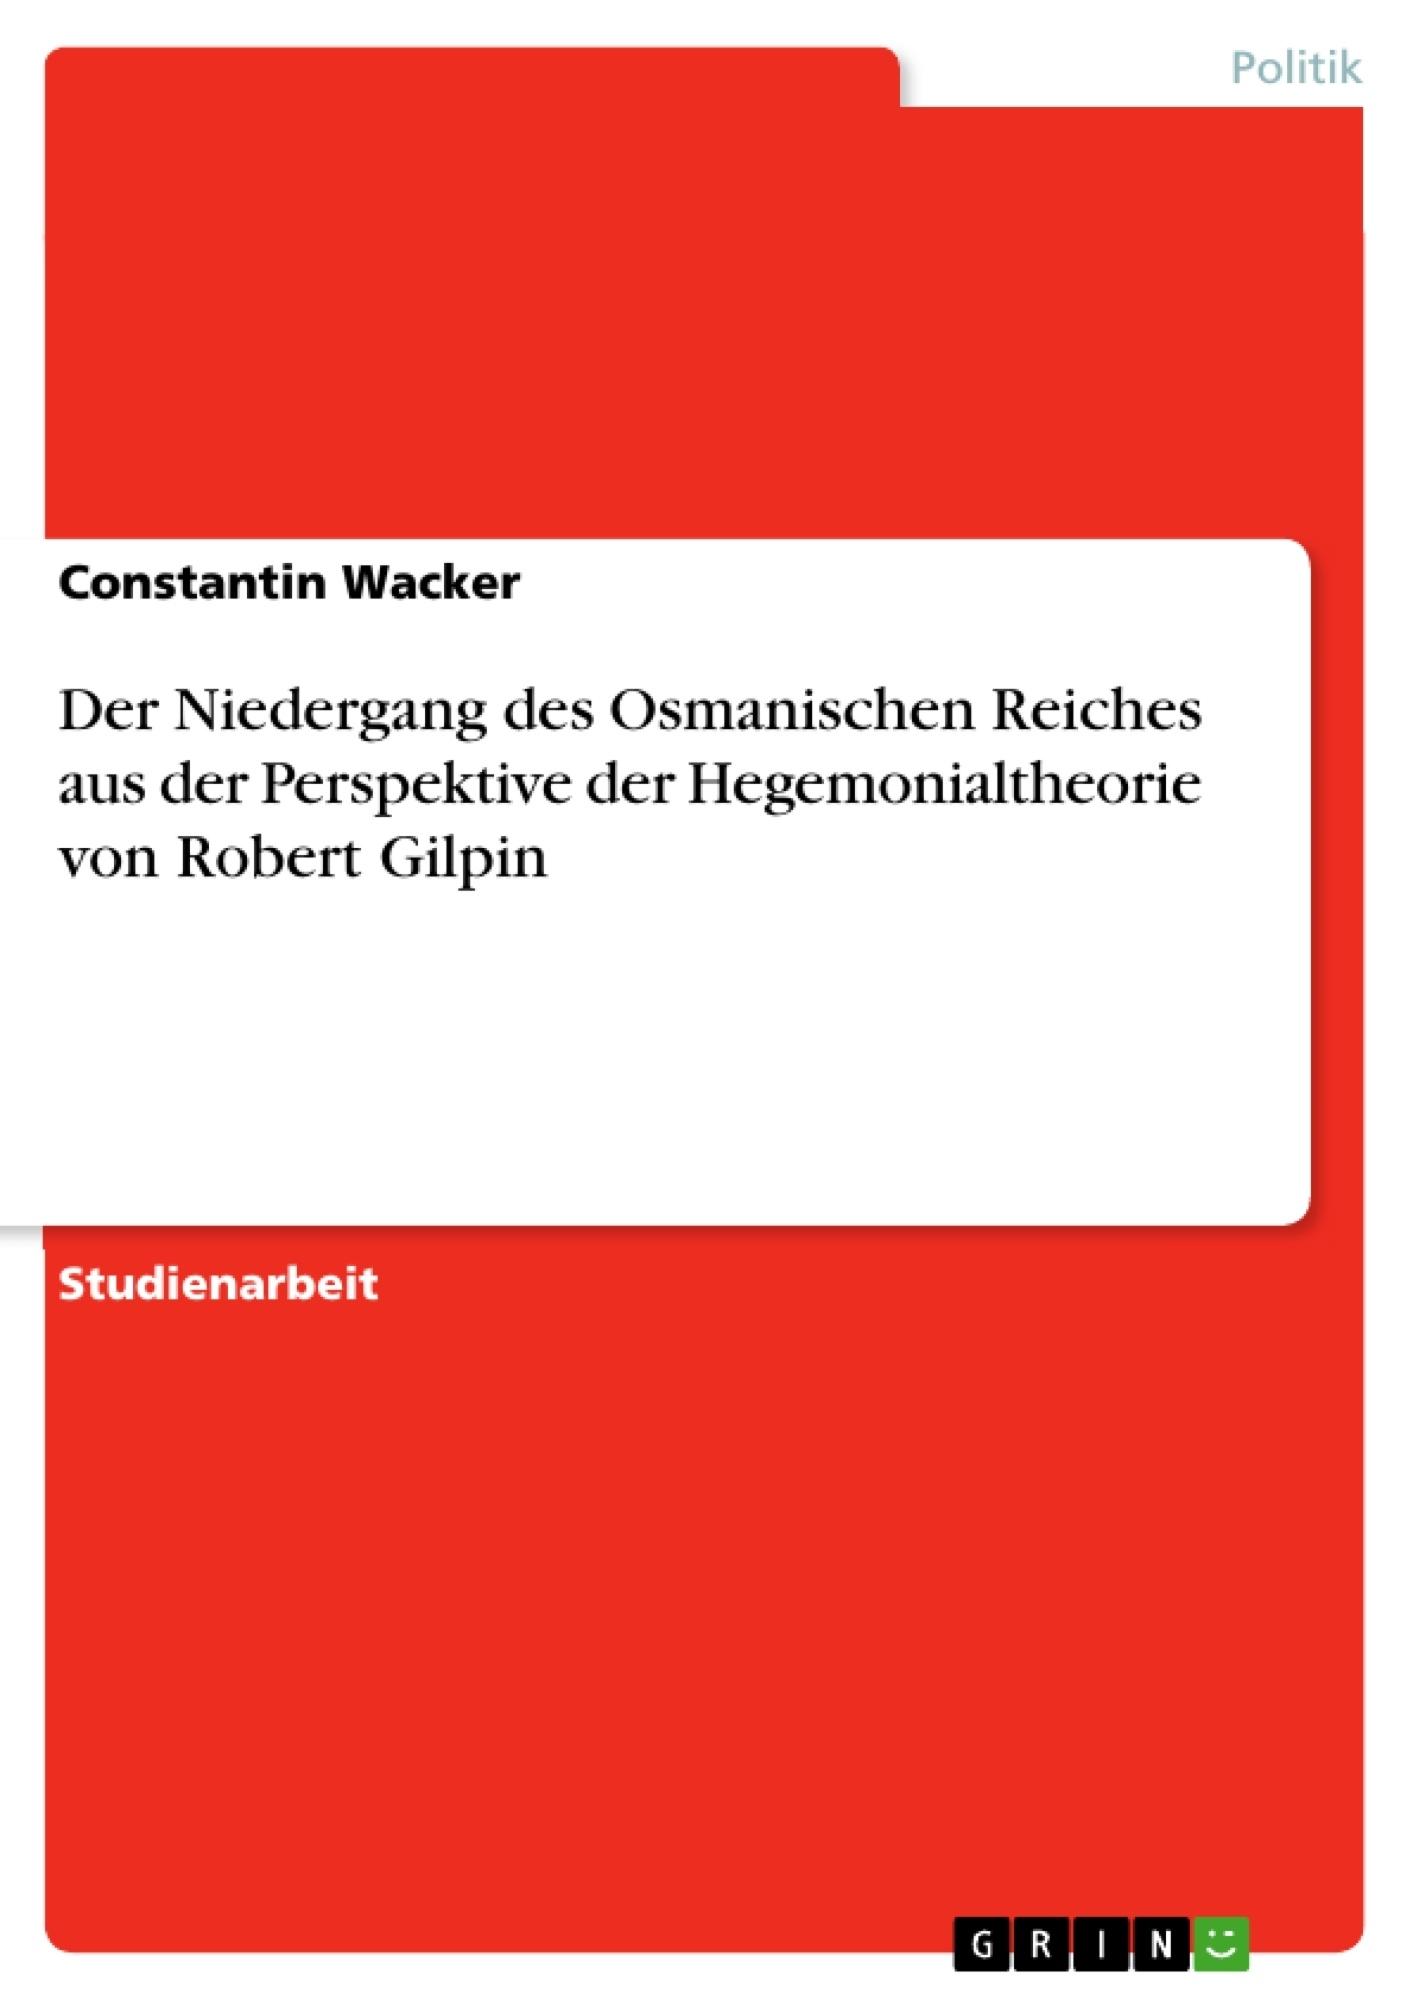 Titel: Der Niedergang des Osmanischen Reiches aus der Perspektive der Hegemonialtheorie von Robert Gilpin